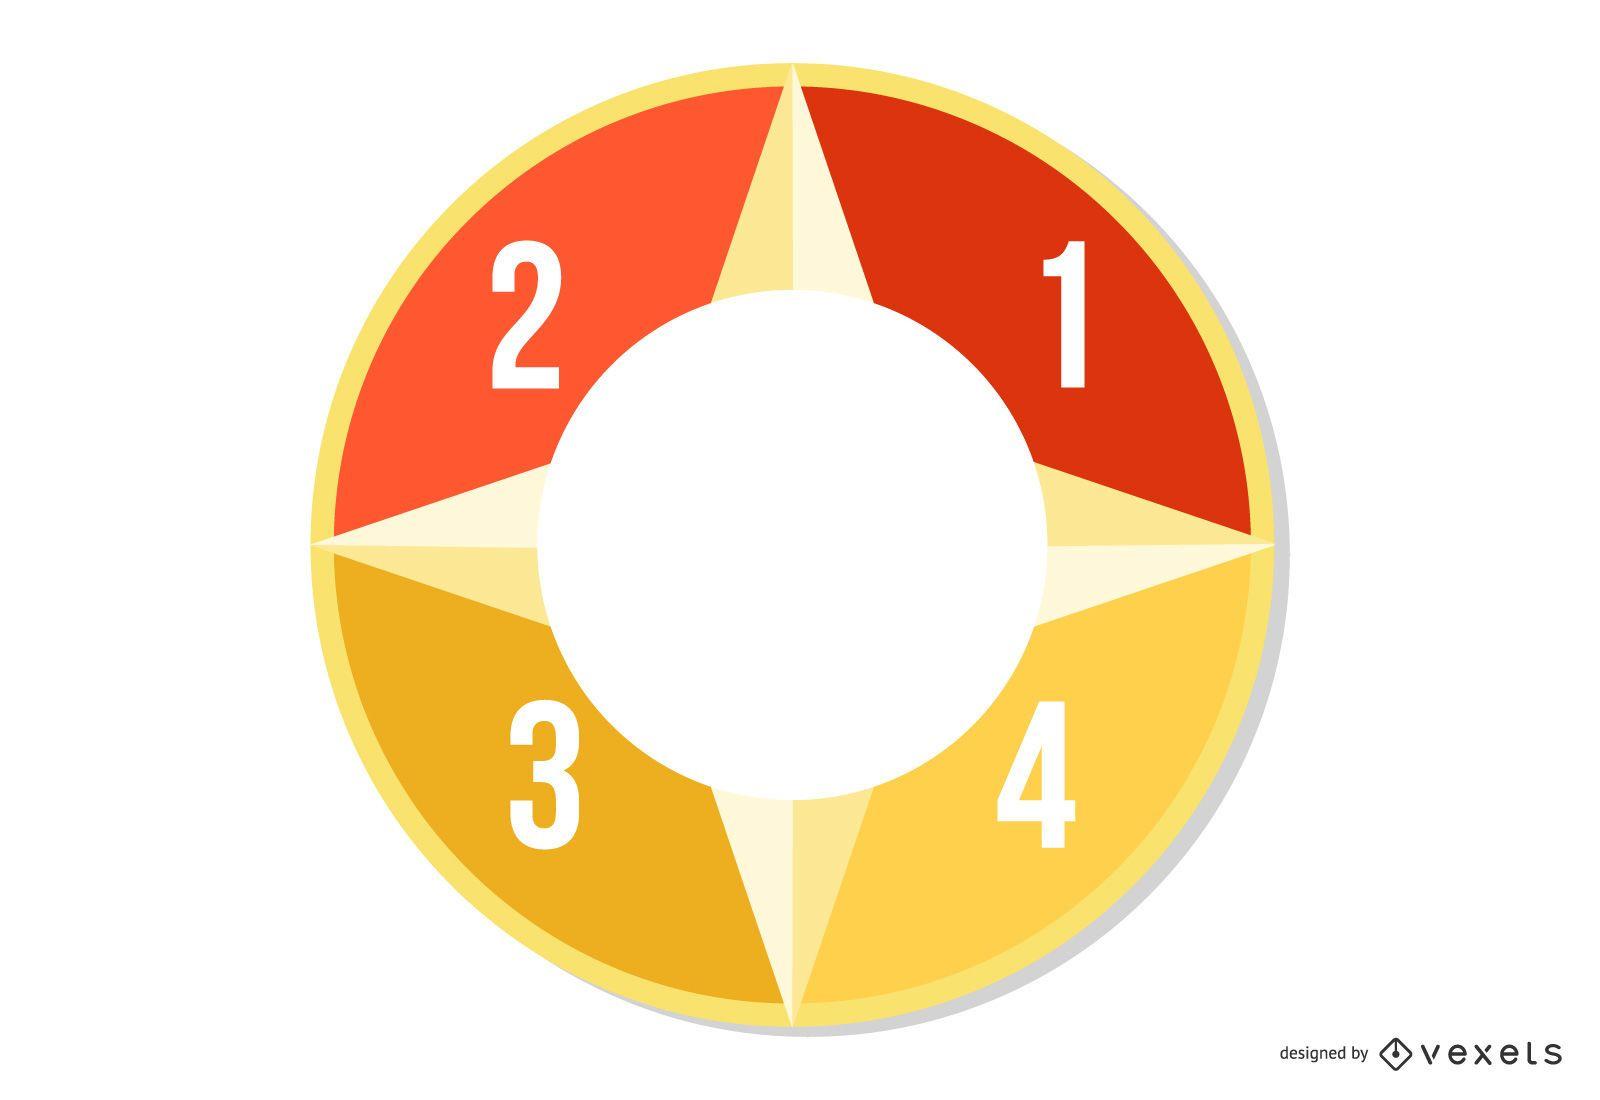 Infografía circular colorida abstracta creativa